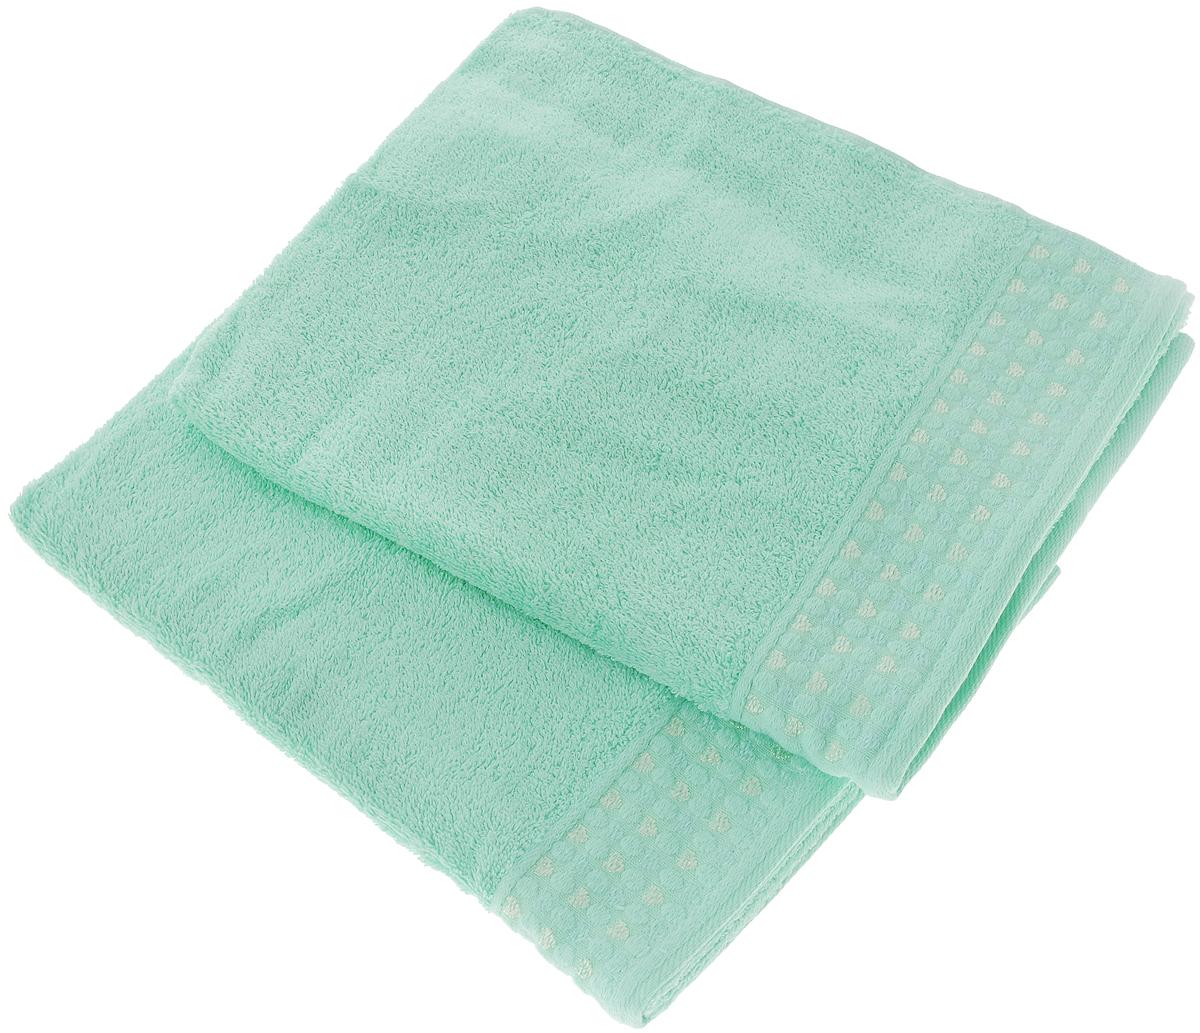 Набор полотенец Tete-a-Tete Сердечки, цвет: мятный, 50 х 90 см, 2 штУП-007-02-2Набор Tete-a-Tete Сердечки состоит из двух махровых полотенец, выполненных из натурального 100% хлопка. Бордюр полотенец декорирован сердечками и горошком. Изделия мягкие, отлично впитывают влагу, быстро сохнут, сохраняют яркость цвета и не теряют формы даже после многократных стирок. Полотенца Tete-a-Tete Сердечки очень практичны и неприхотливы в уходе. Они легко впишутся в любой интерьер благодаря своей нежной цветовой гамме.Комплектация: 2 шт.